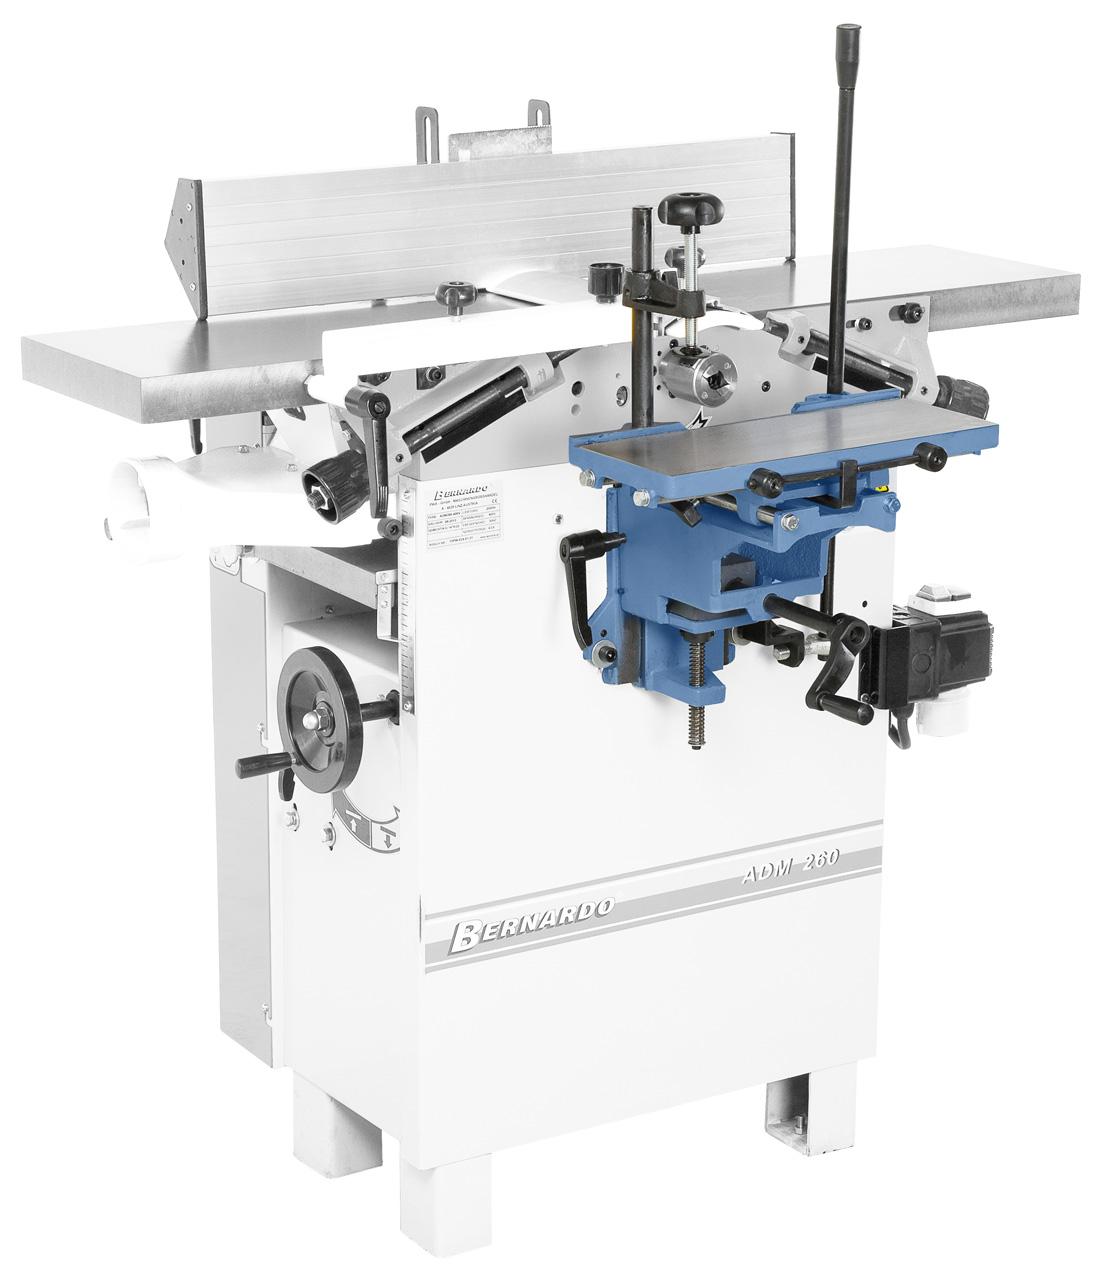 Urządzenie wiercące - frezarka  ADH 250 / ADM 260 / PT 310 / CWM 250 BERNARDO